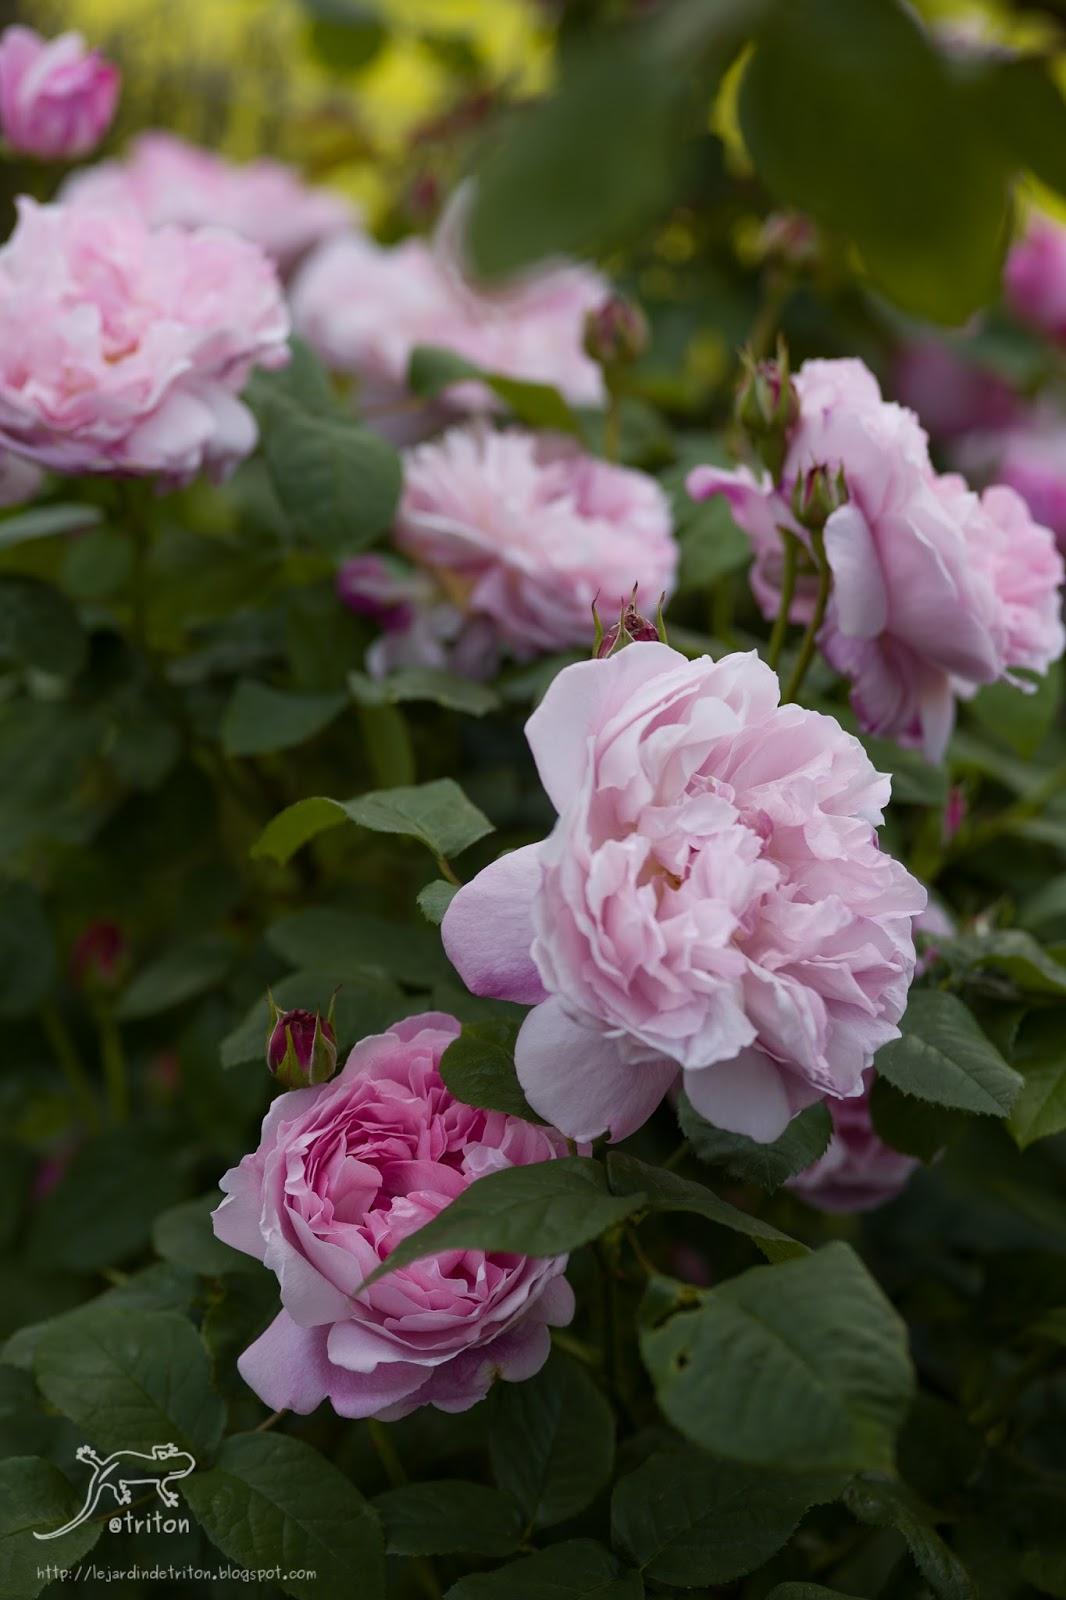 Le jardin de triton sc nes de jardin pisode 2 - Beau jardin rose and geranium ...